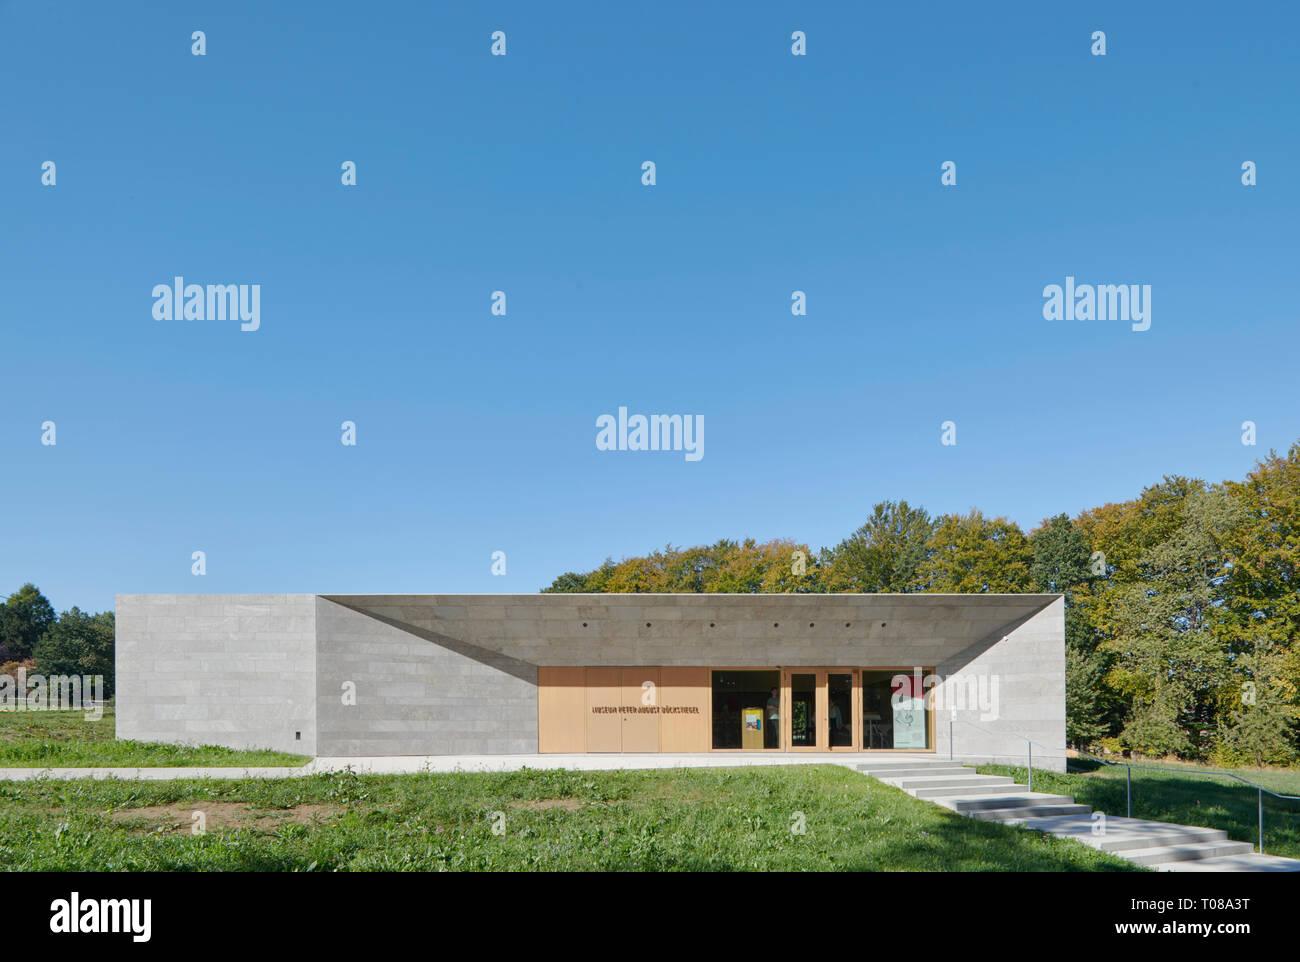 P.A.Böckstiegel Museum, Werther Arrode, Nordrhein-Westfalen - Stock Image